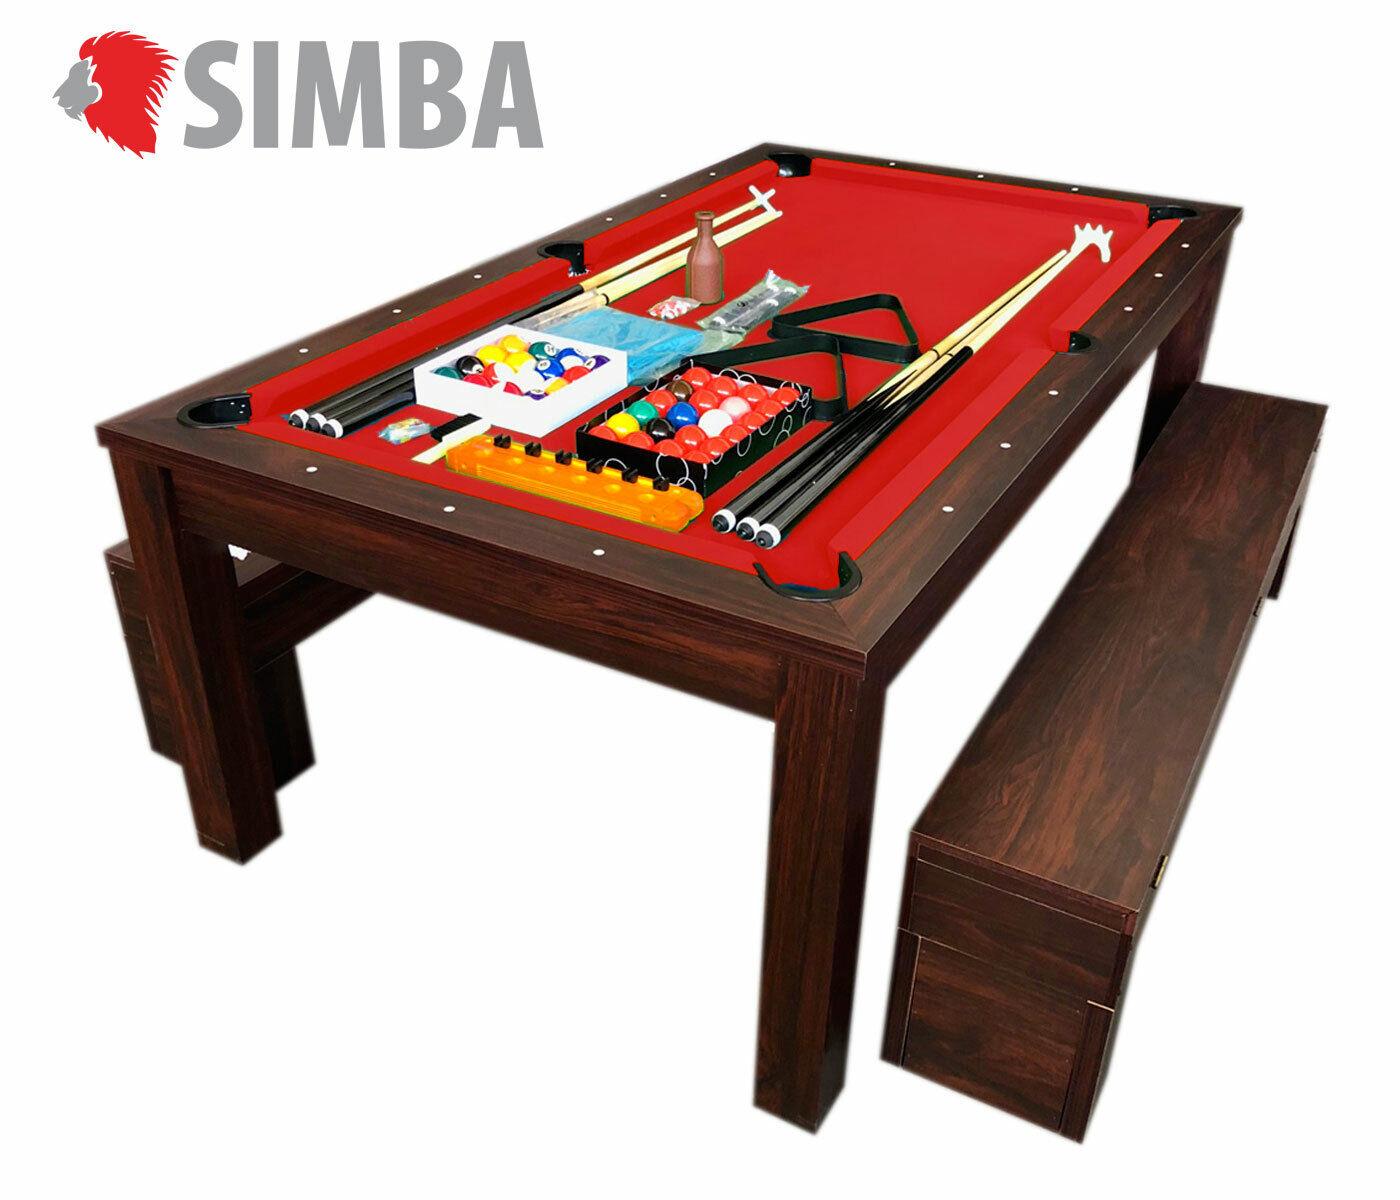 Mesa de billar 7 FT RICH juegos de billar carambola y plan de cobertura y bancos